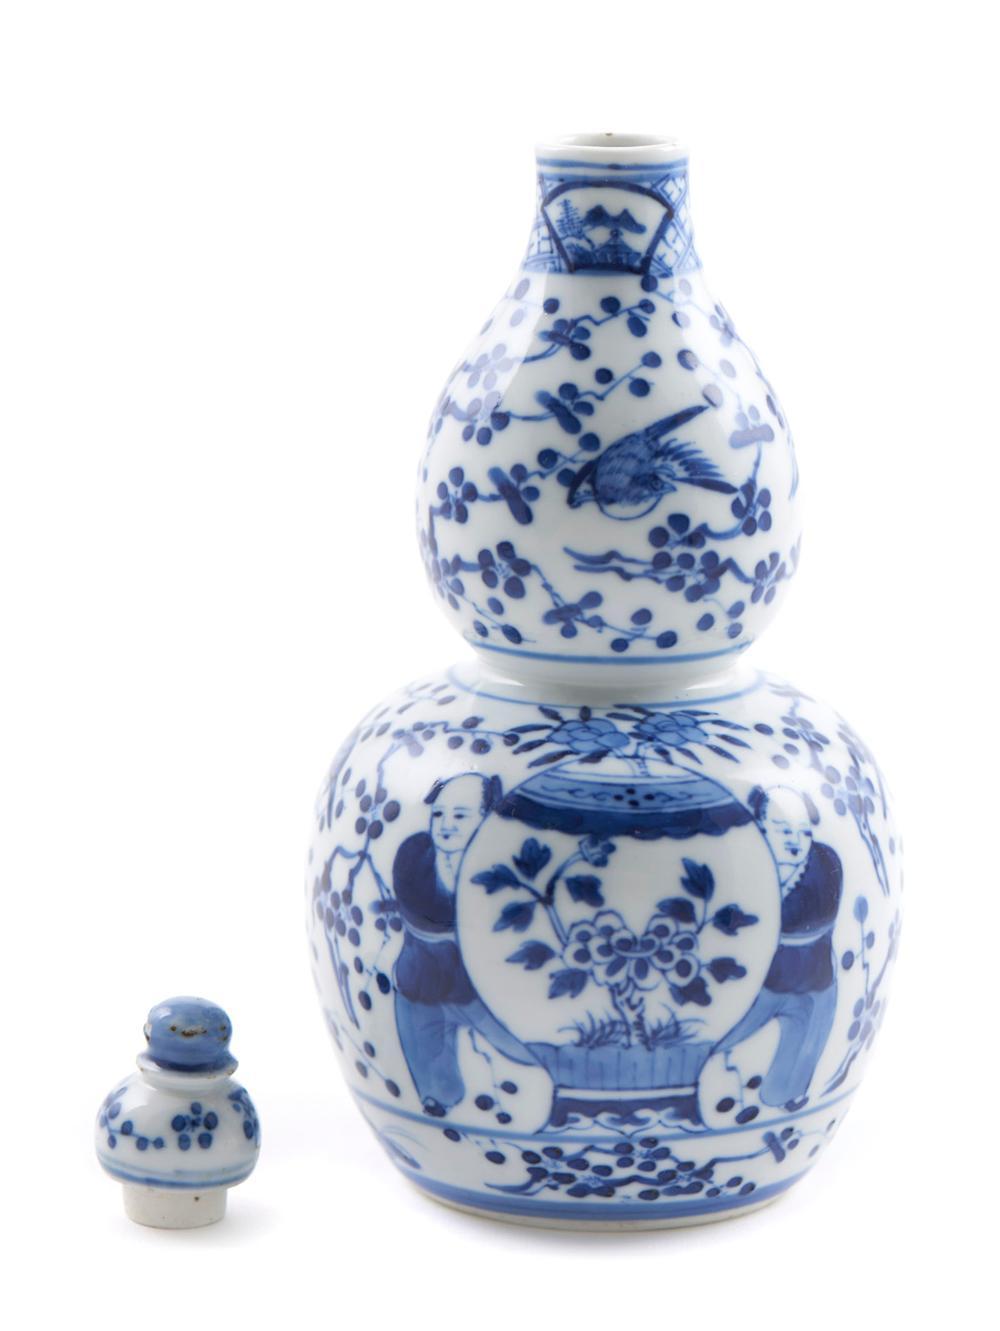 Garrafa com tampa em porcelana chinesa